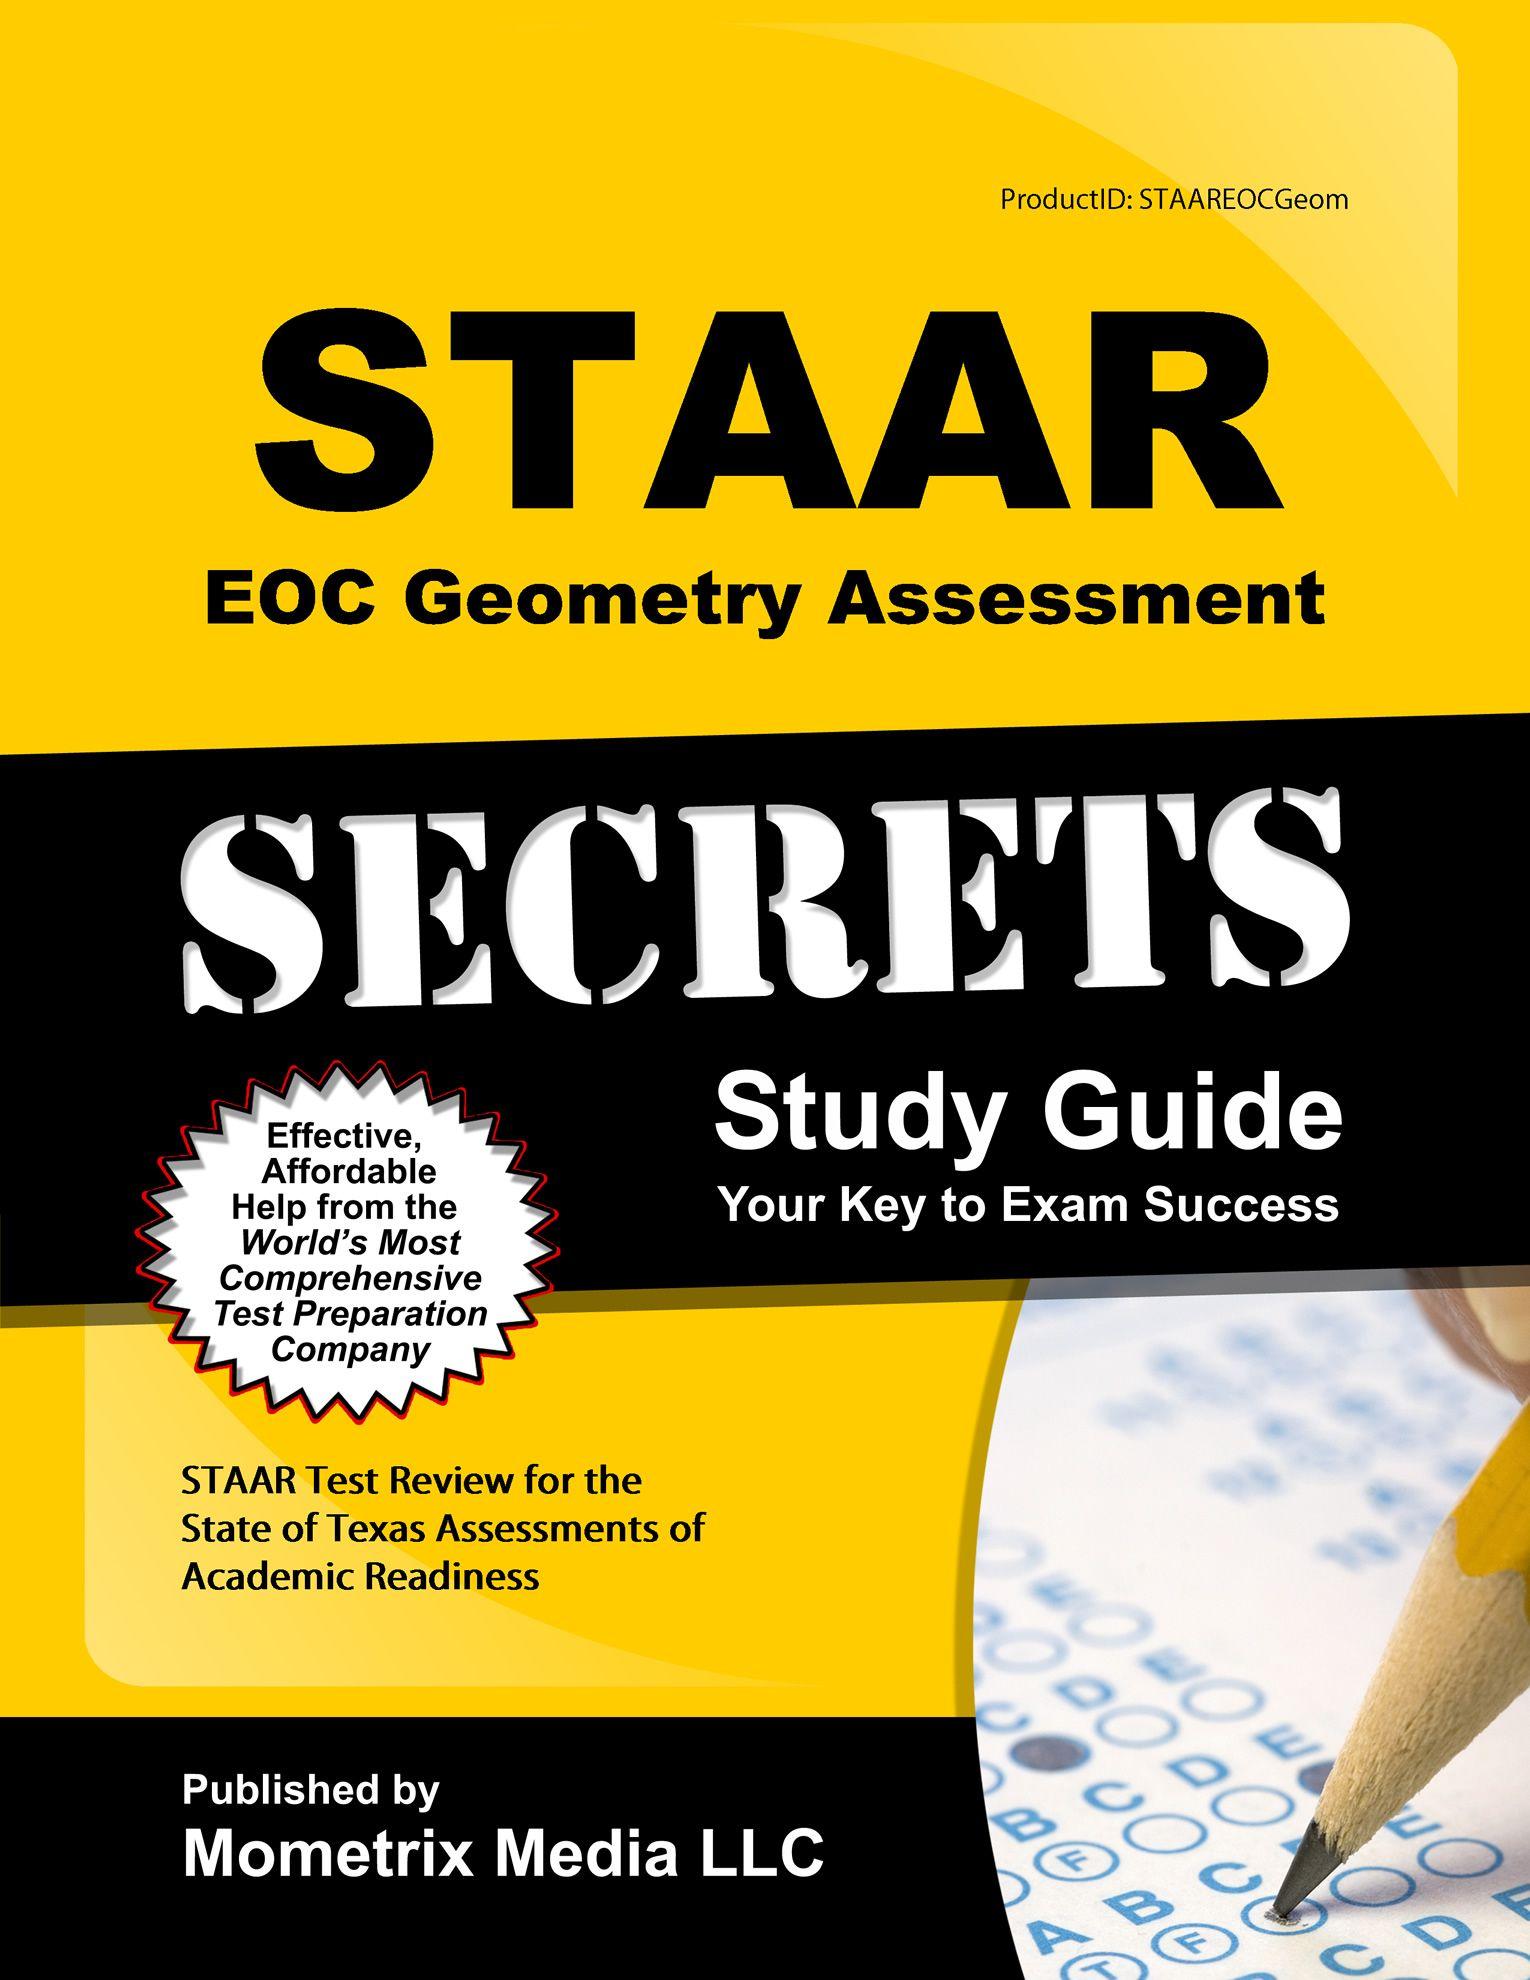 STAAR EOC Geometry Assessment Study Guide http://mo-media.com/